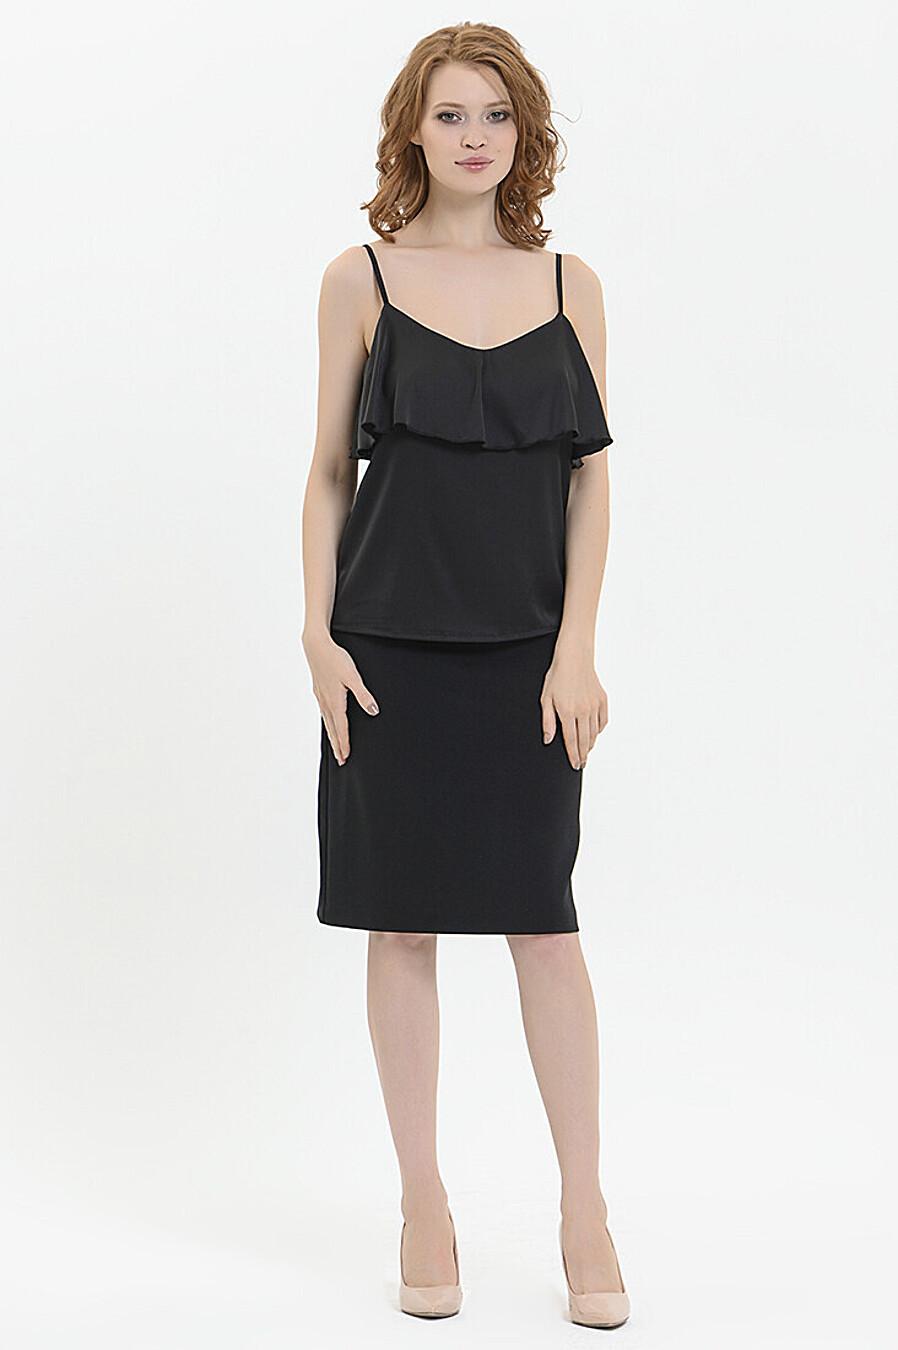 Топ для женщин KOTIS 161431 купить оптом от производителя. Совместная покупка женской одежды в OptMoyo